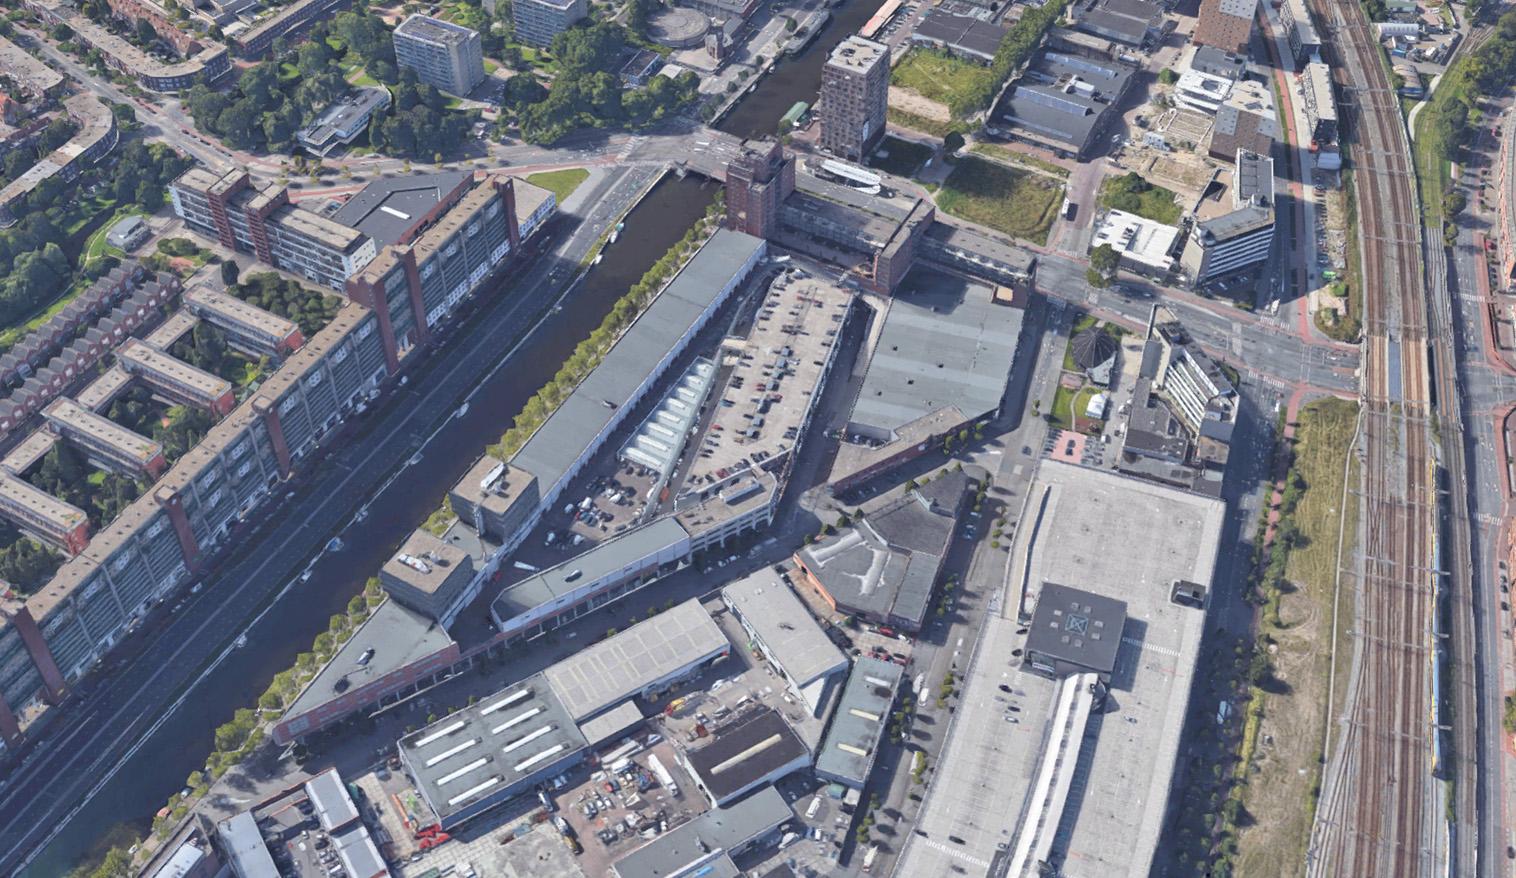 07 z OPL Architecten_Verheeskade_Den Haag HS Laakhaven 1516×878-300dpi